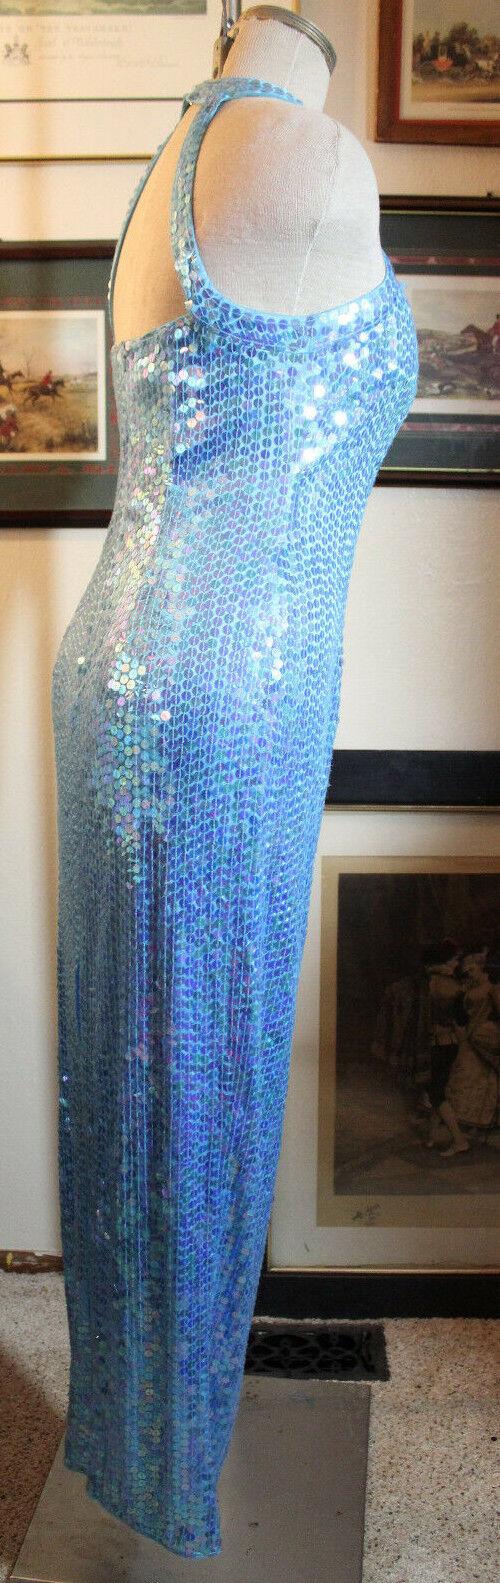 Adrianna Papell Azul Azul Azul Vestido Largo de Noche Formal Con Lentejuelas Bridesmaids 4 dac474